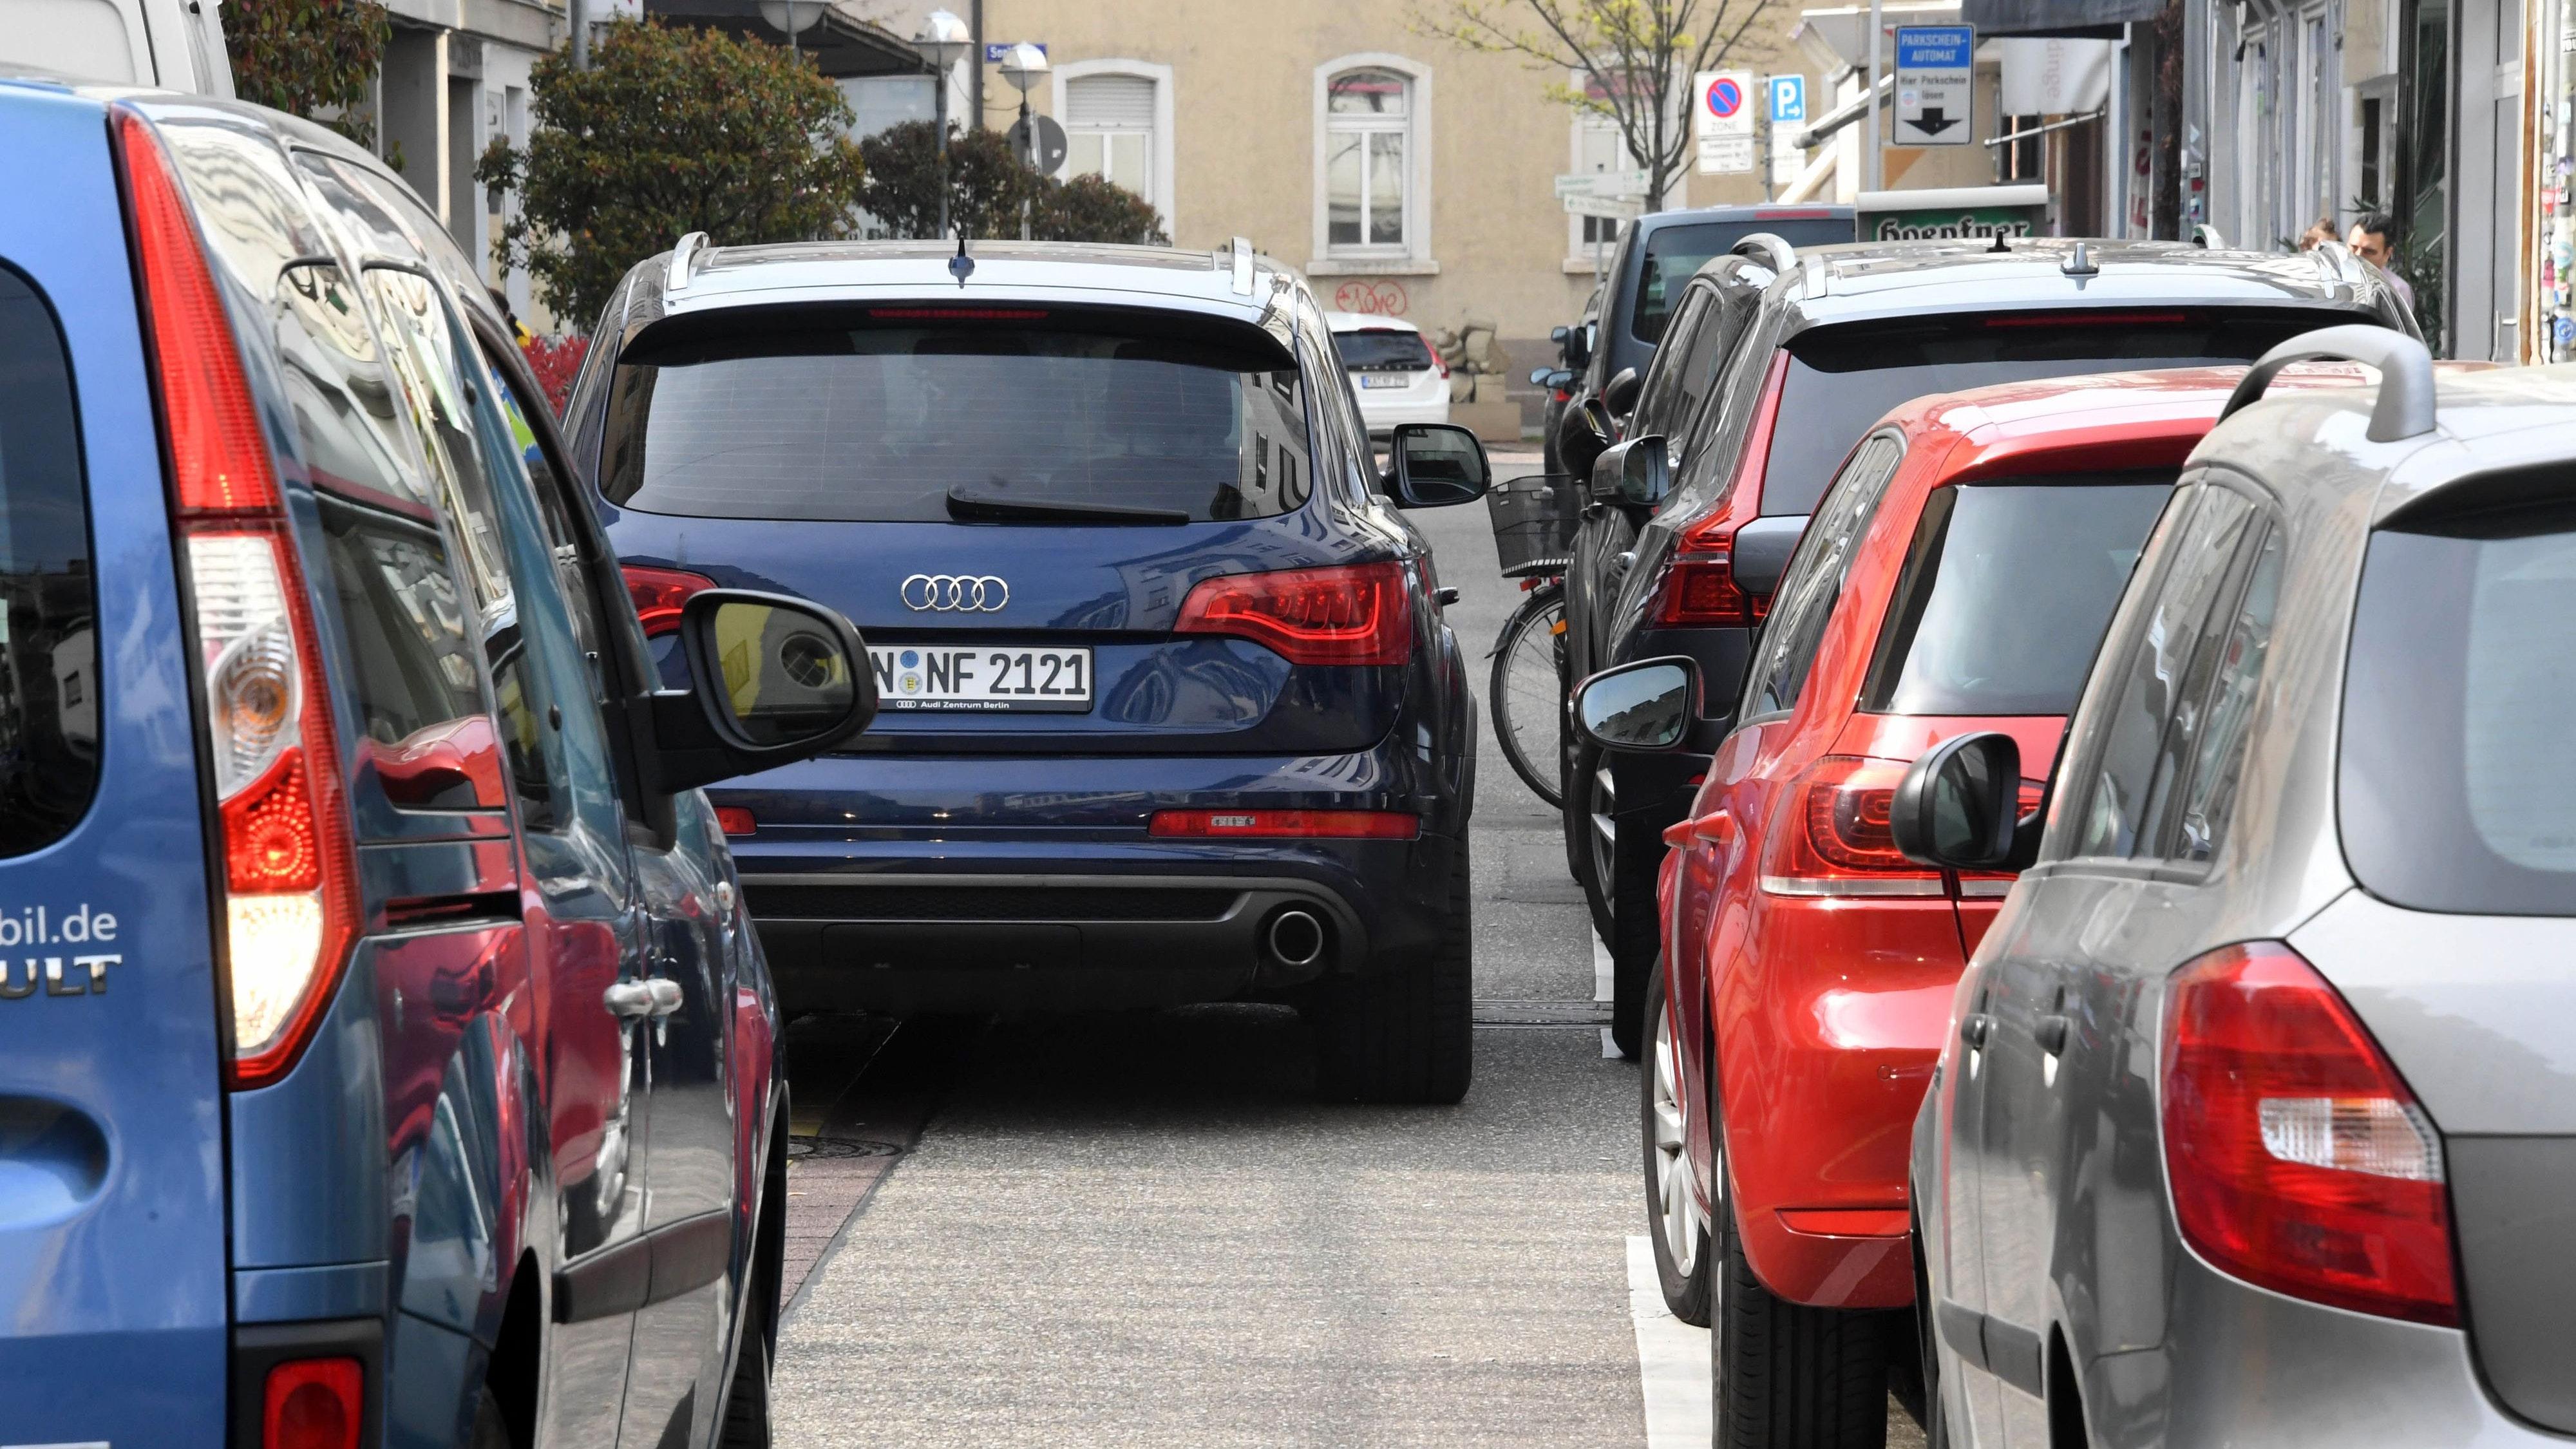 Die Zahl der zugelassenen Kraftfahrzeuge wächst im Oldenburger Münsterland immer weiter. In manchen Kommunen sind bereits mehr als 900 Fahrzeuge je 1000 Einwohner registriert. Foto: dpa/Deck